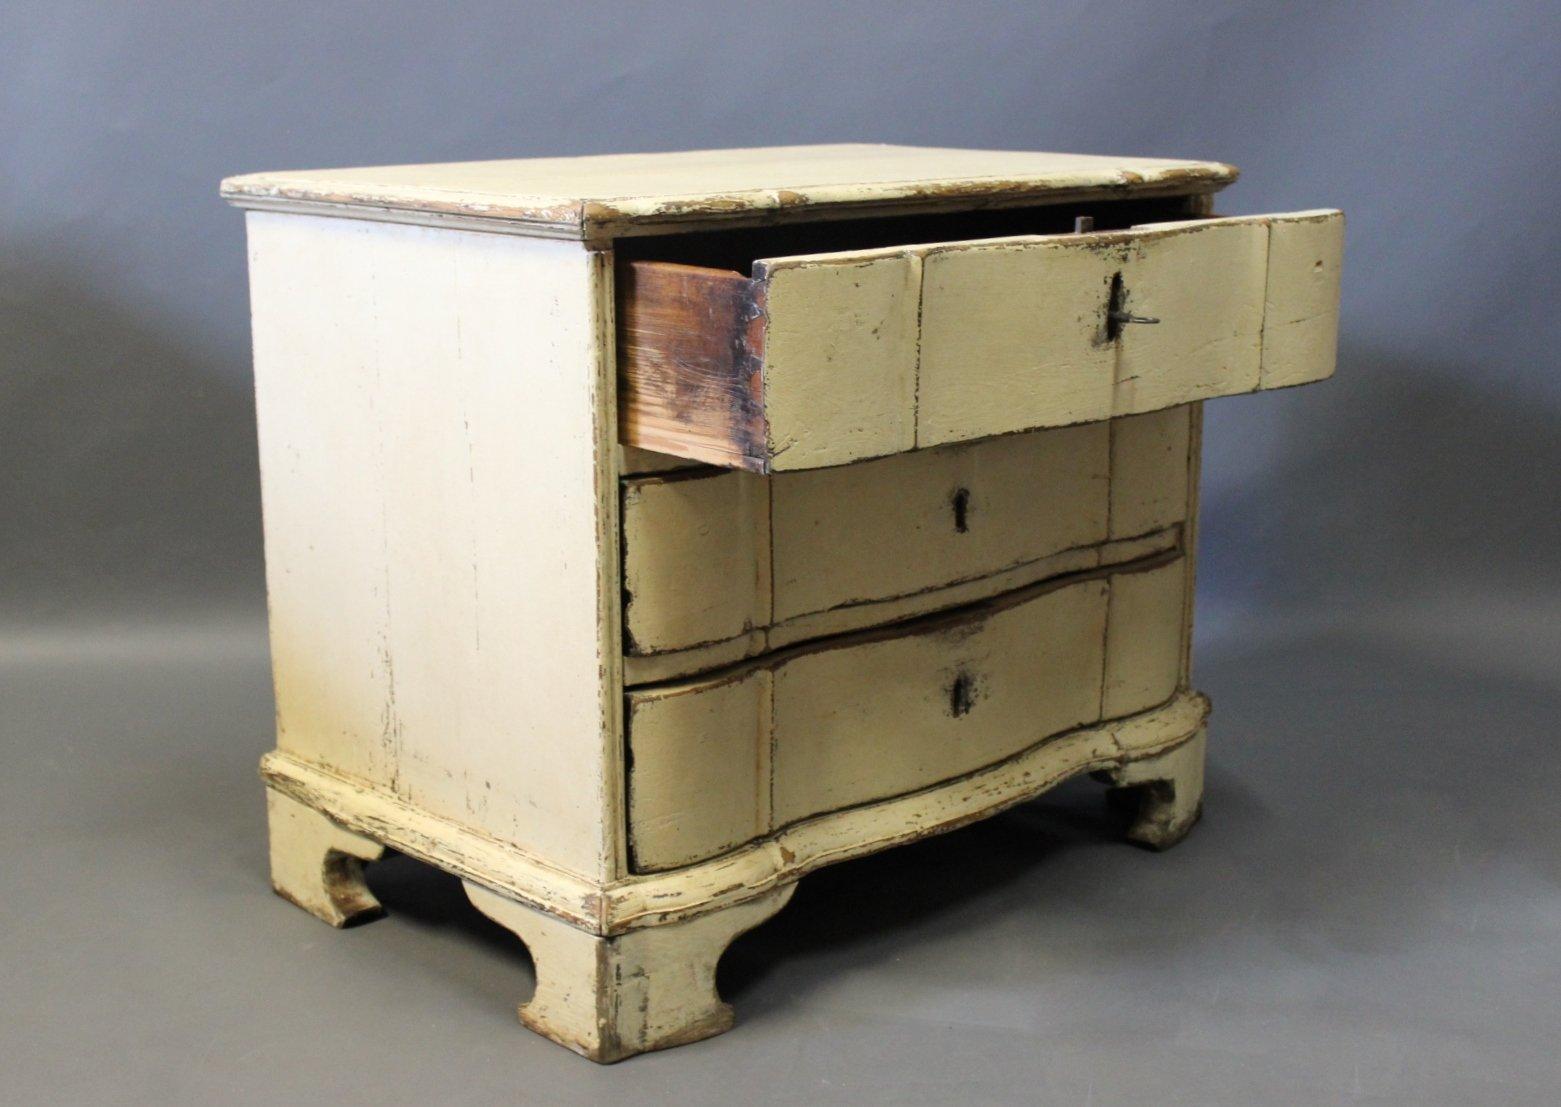 petite commode tiroirs baroque en bois peint danemark 1760s en vente sur pamono. Black Bedroom Furniture Sets. Home Design Ideas